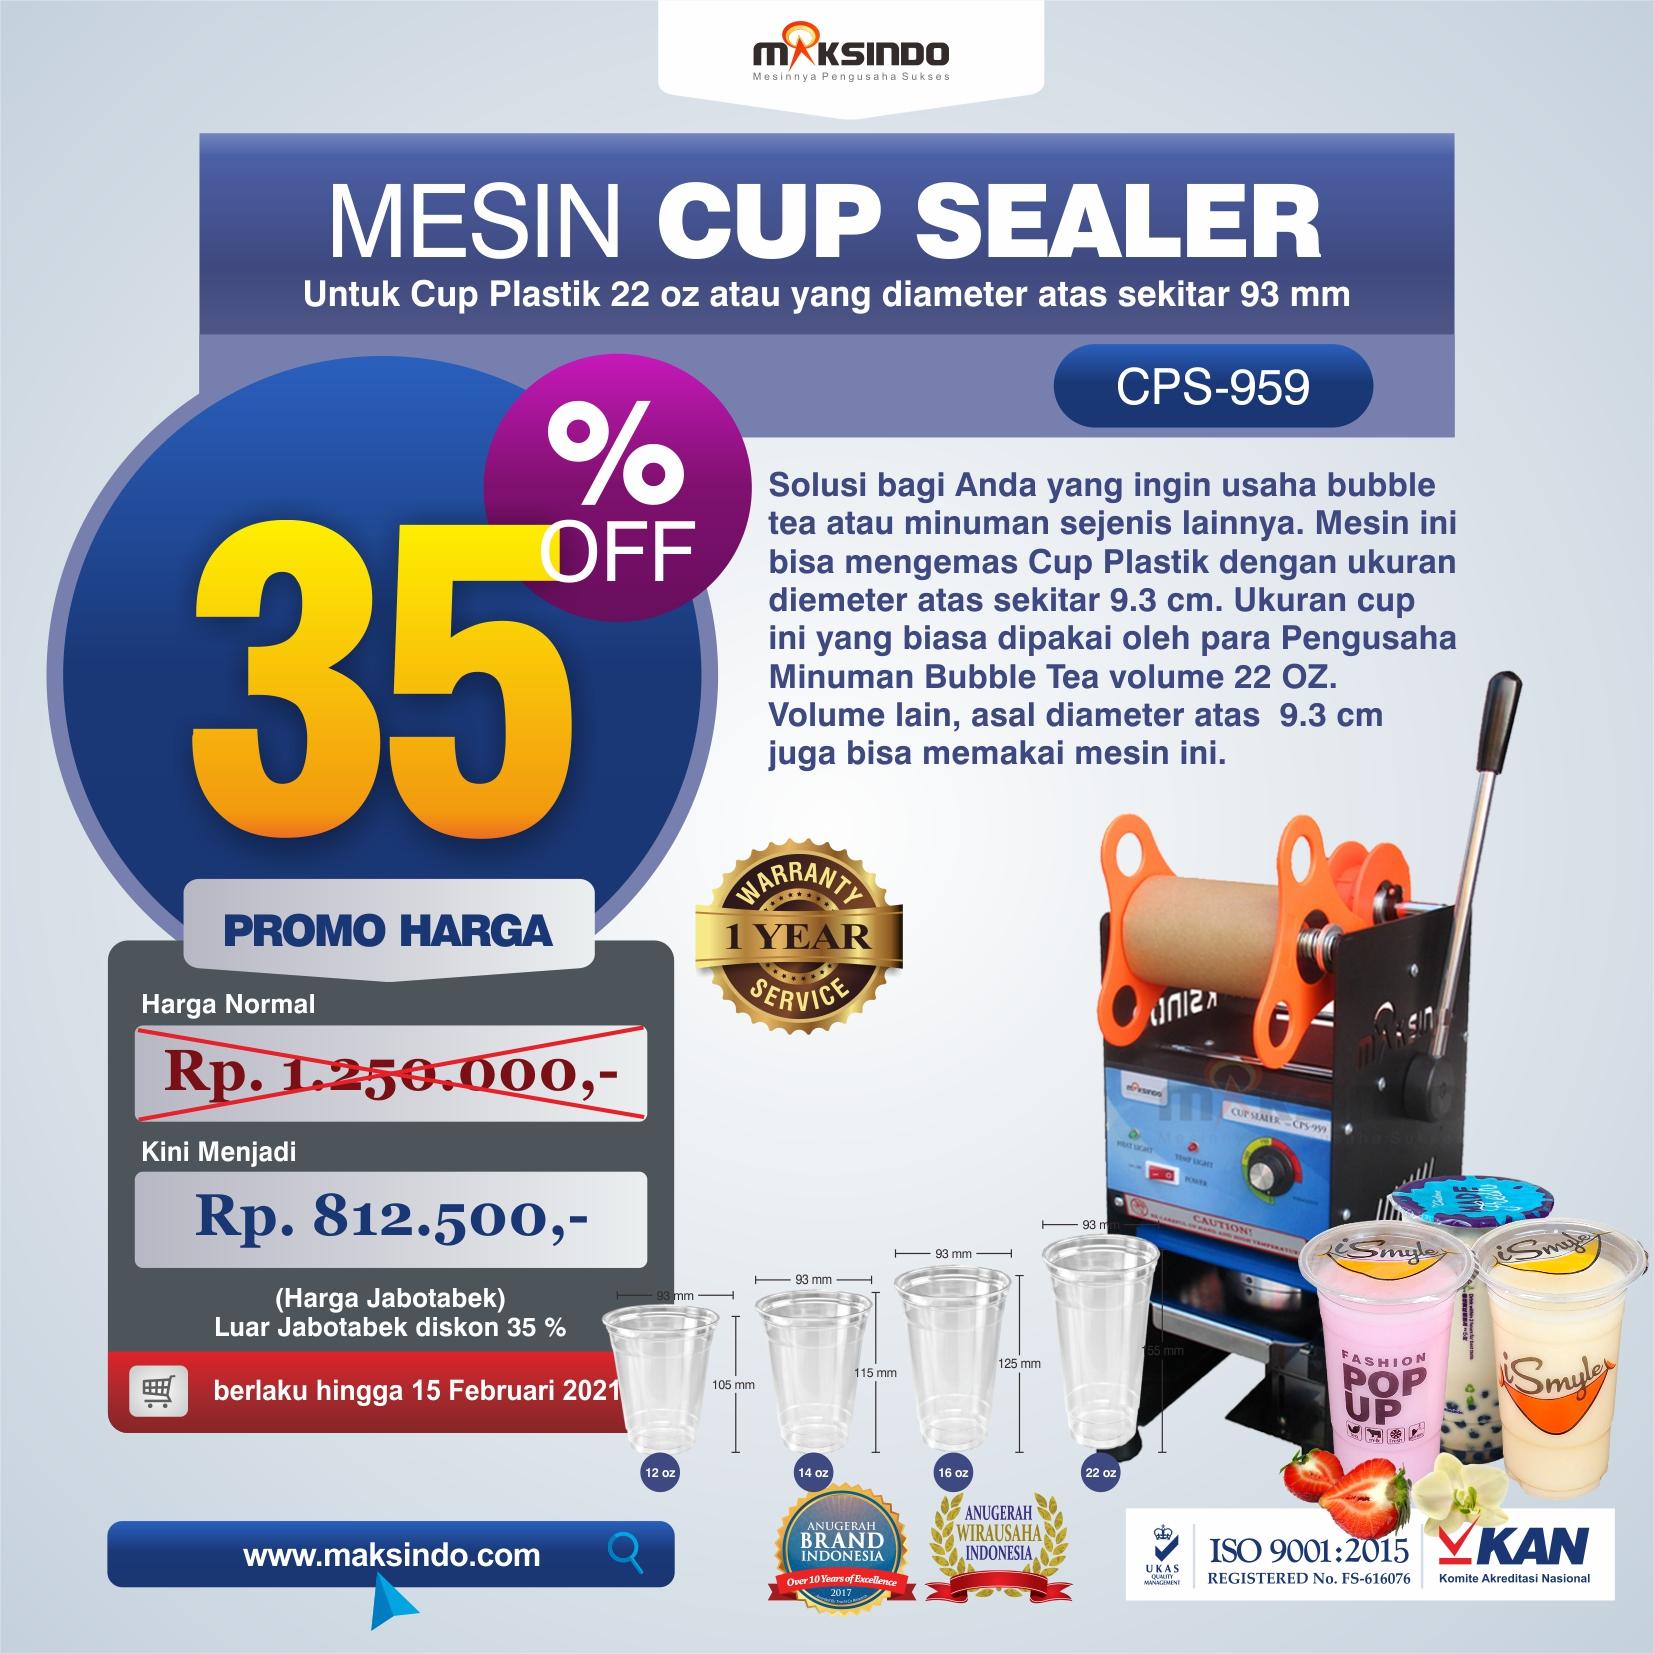 Jual Mesin Cup Sealer CPS-959 di Tangerang